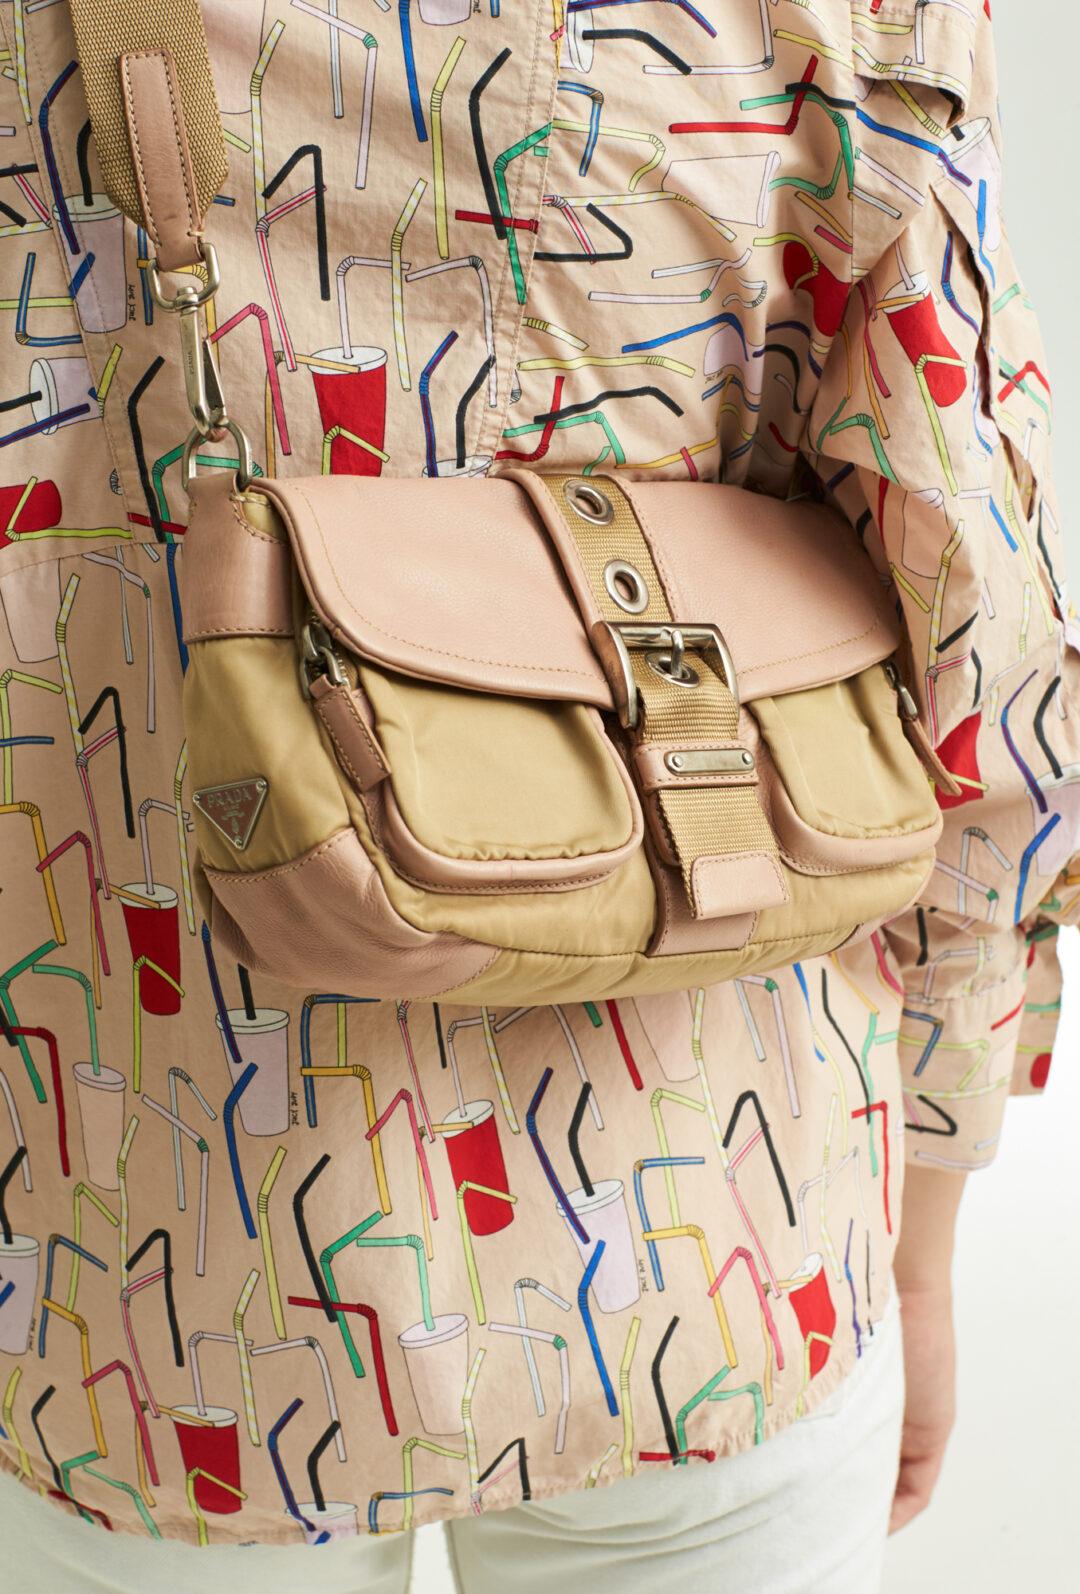 Collect23_Prada bag